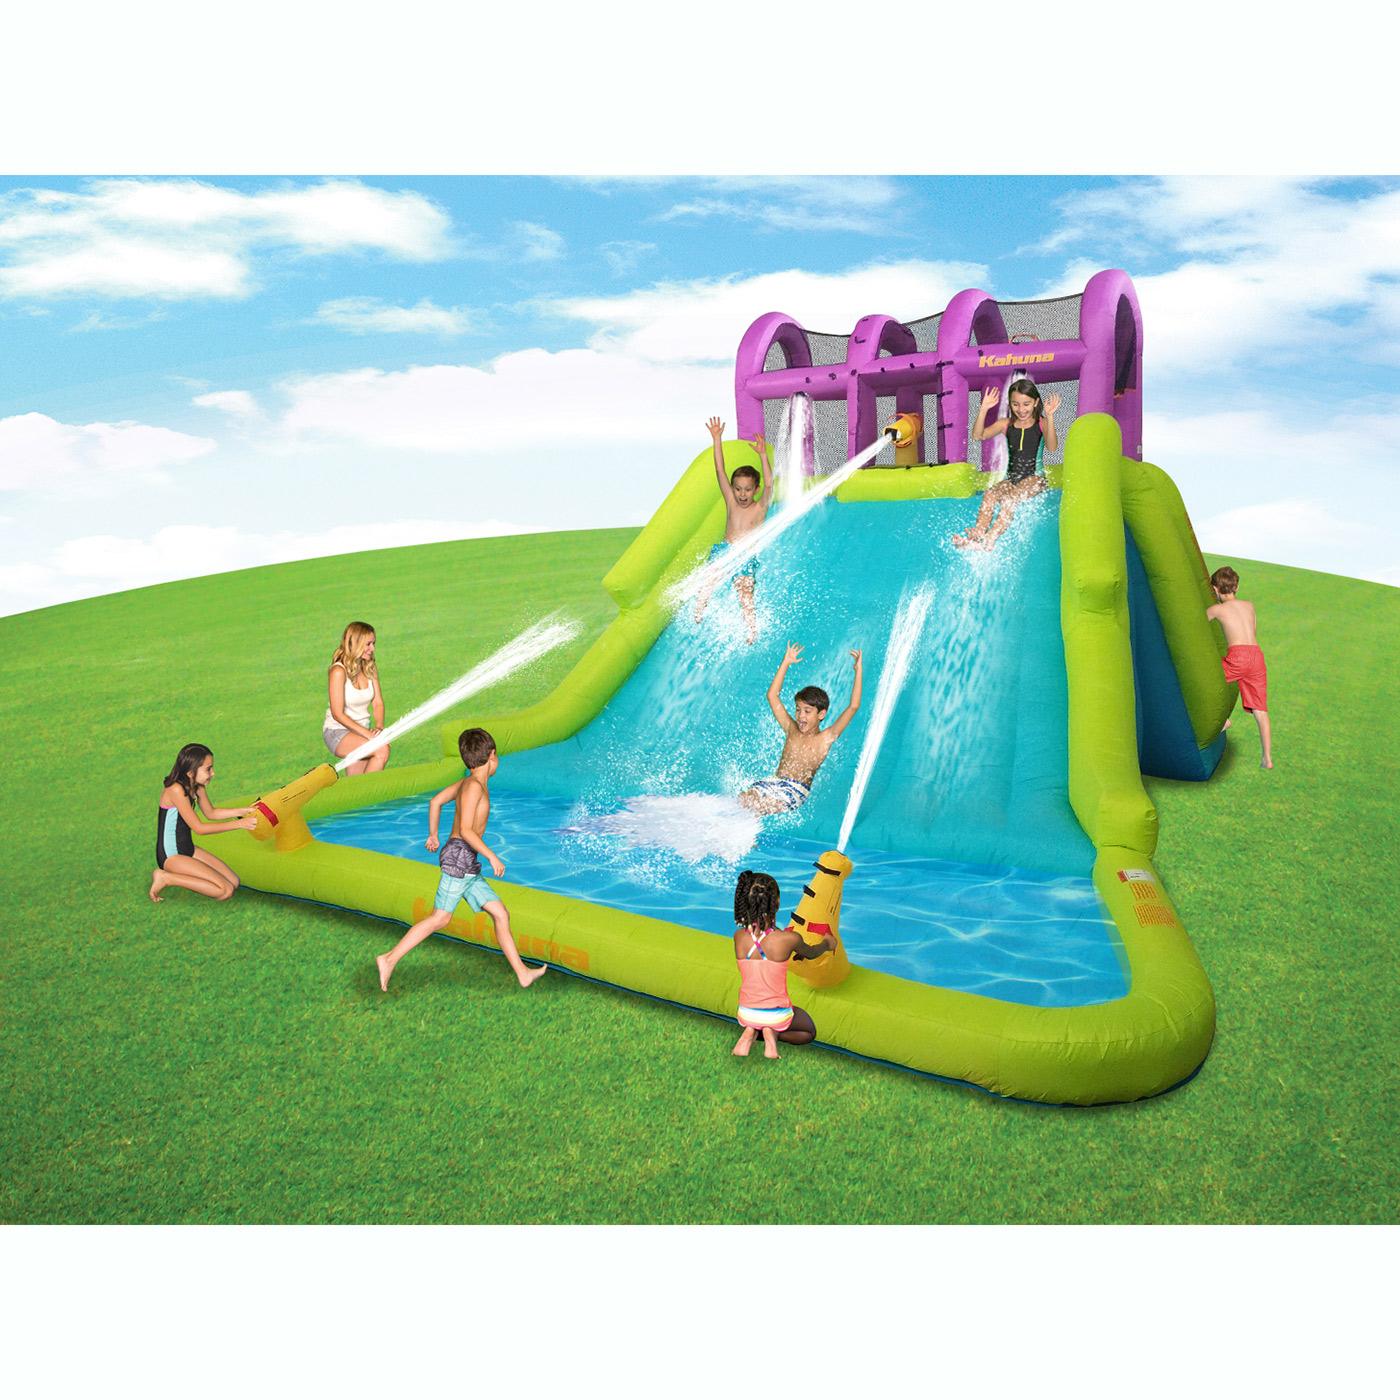 Kahuna Mega Blast Inflatable Backyard Kiddie Pool and ...